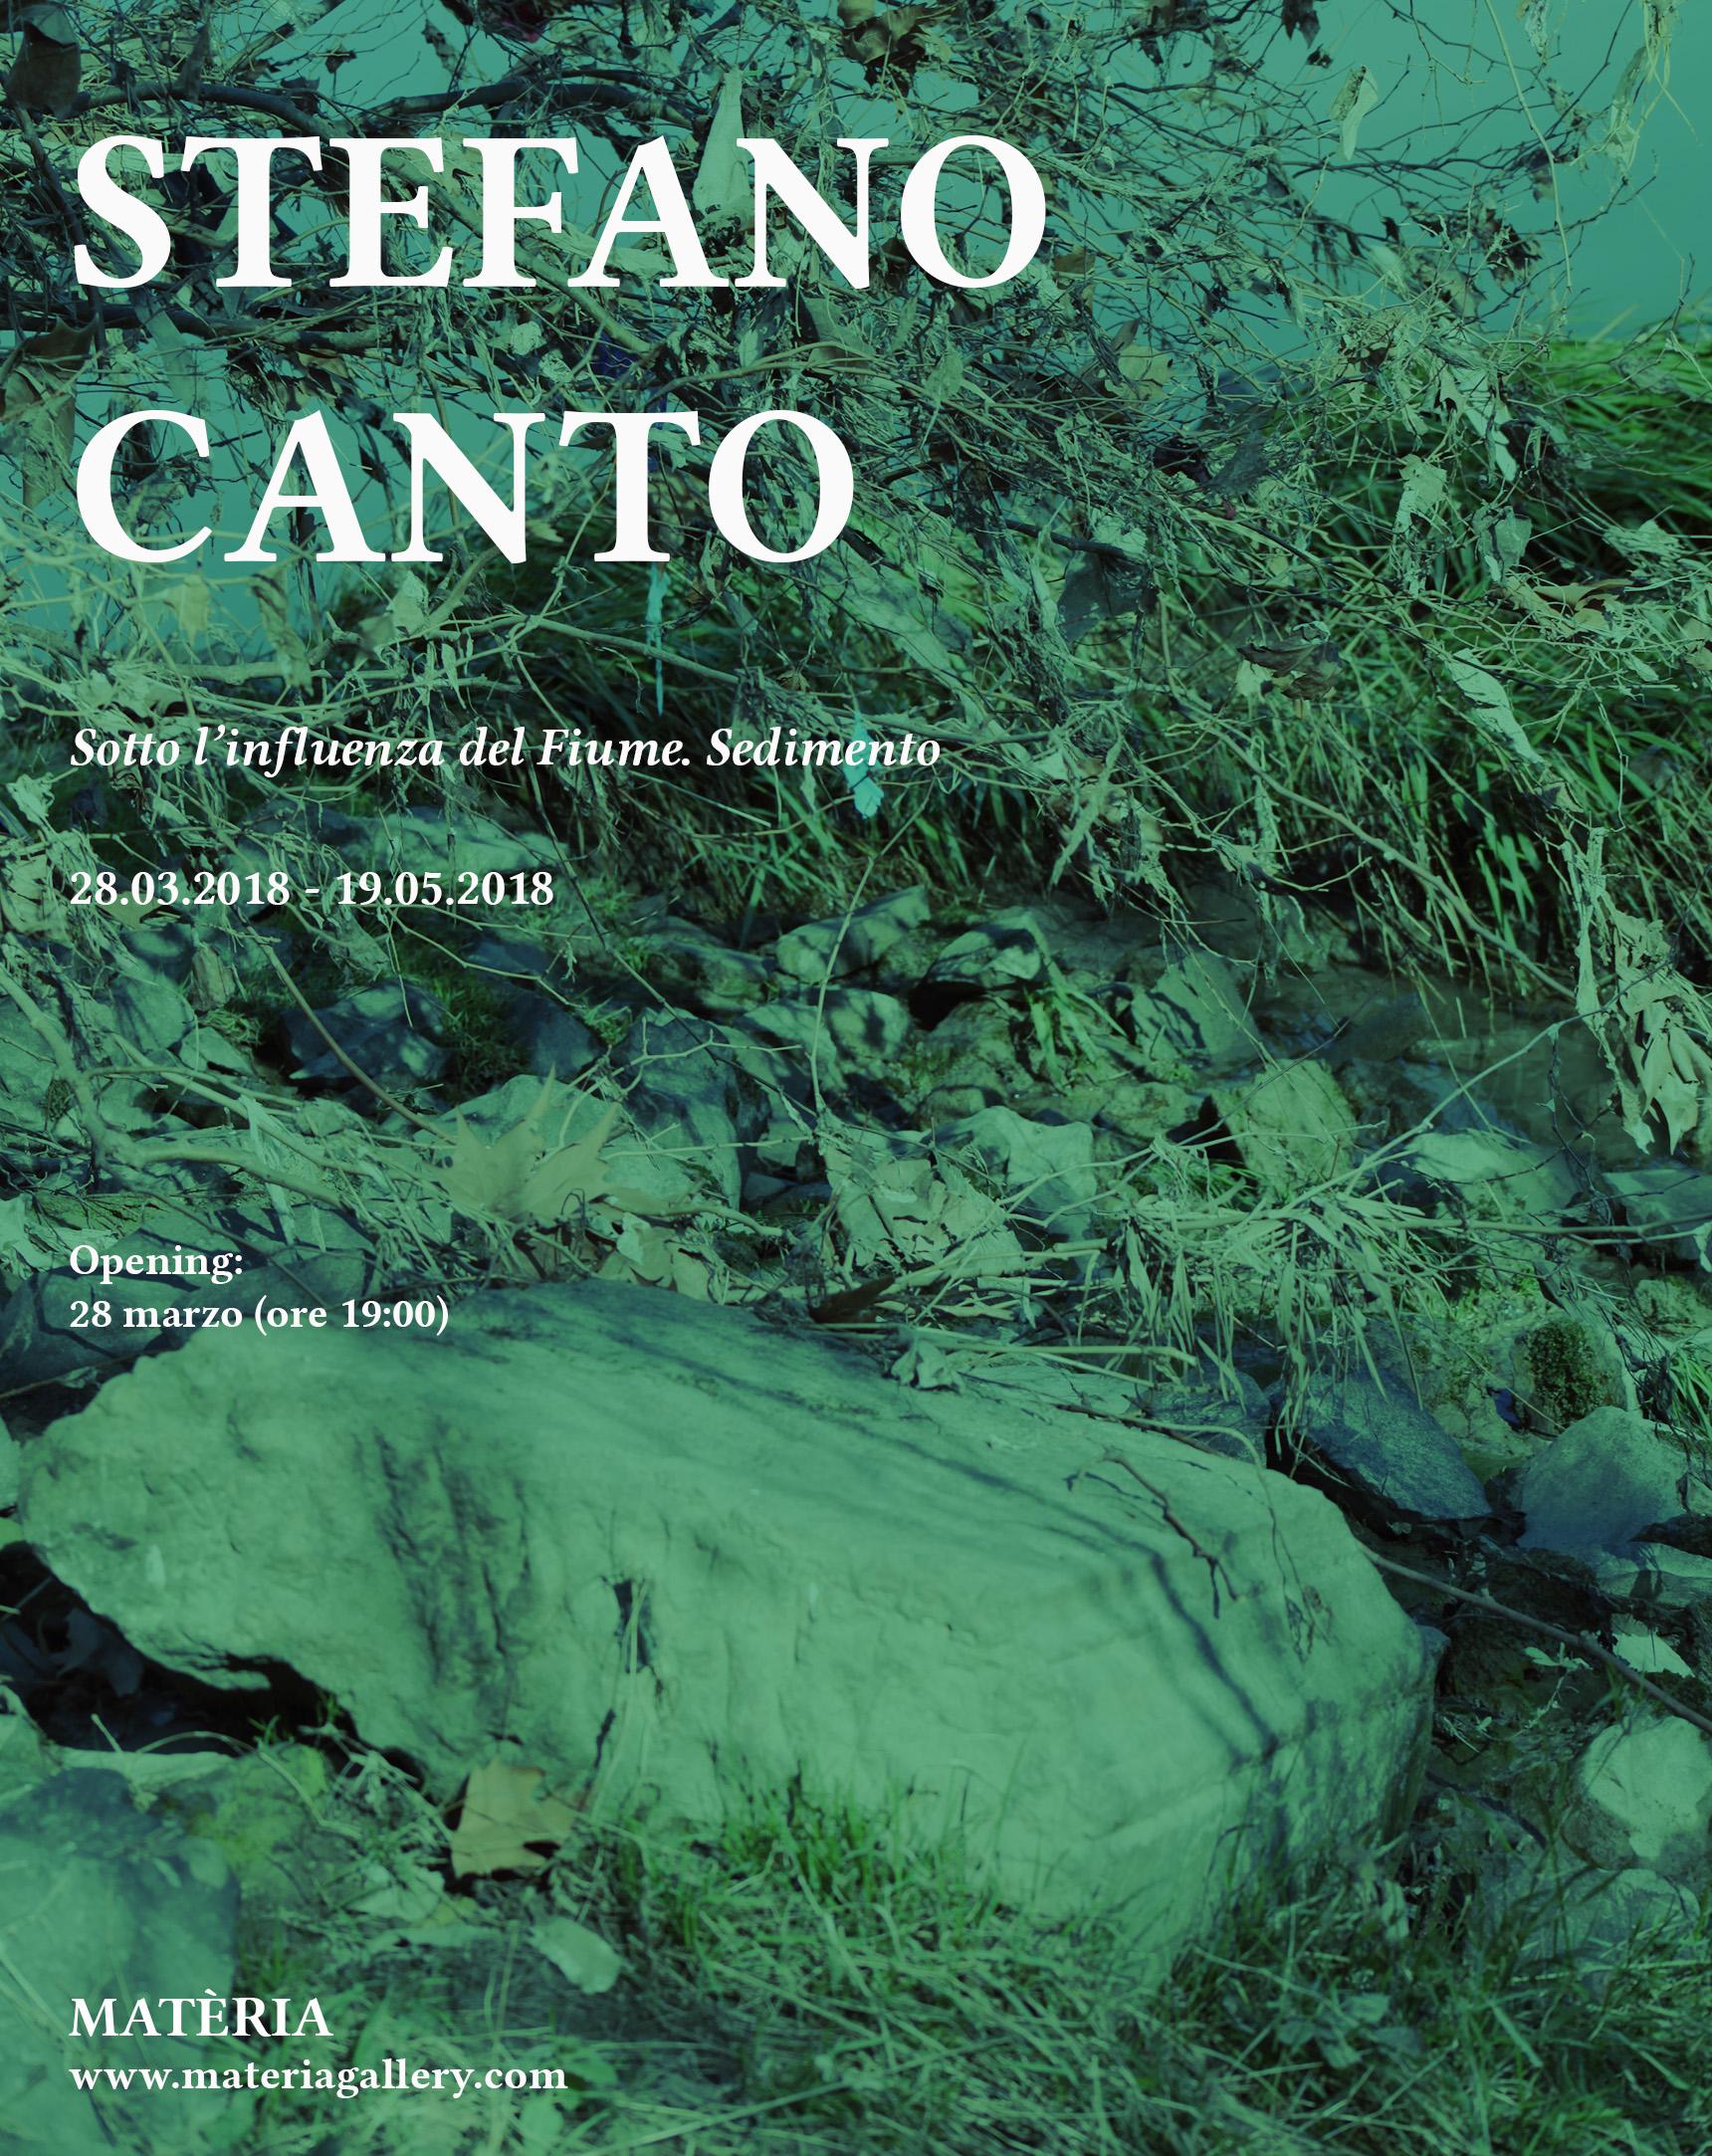 STEFANO CANTO – Sotto l'influenza del Fiume. Sedimento